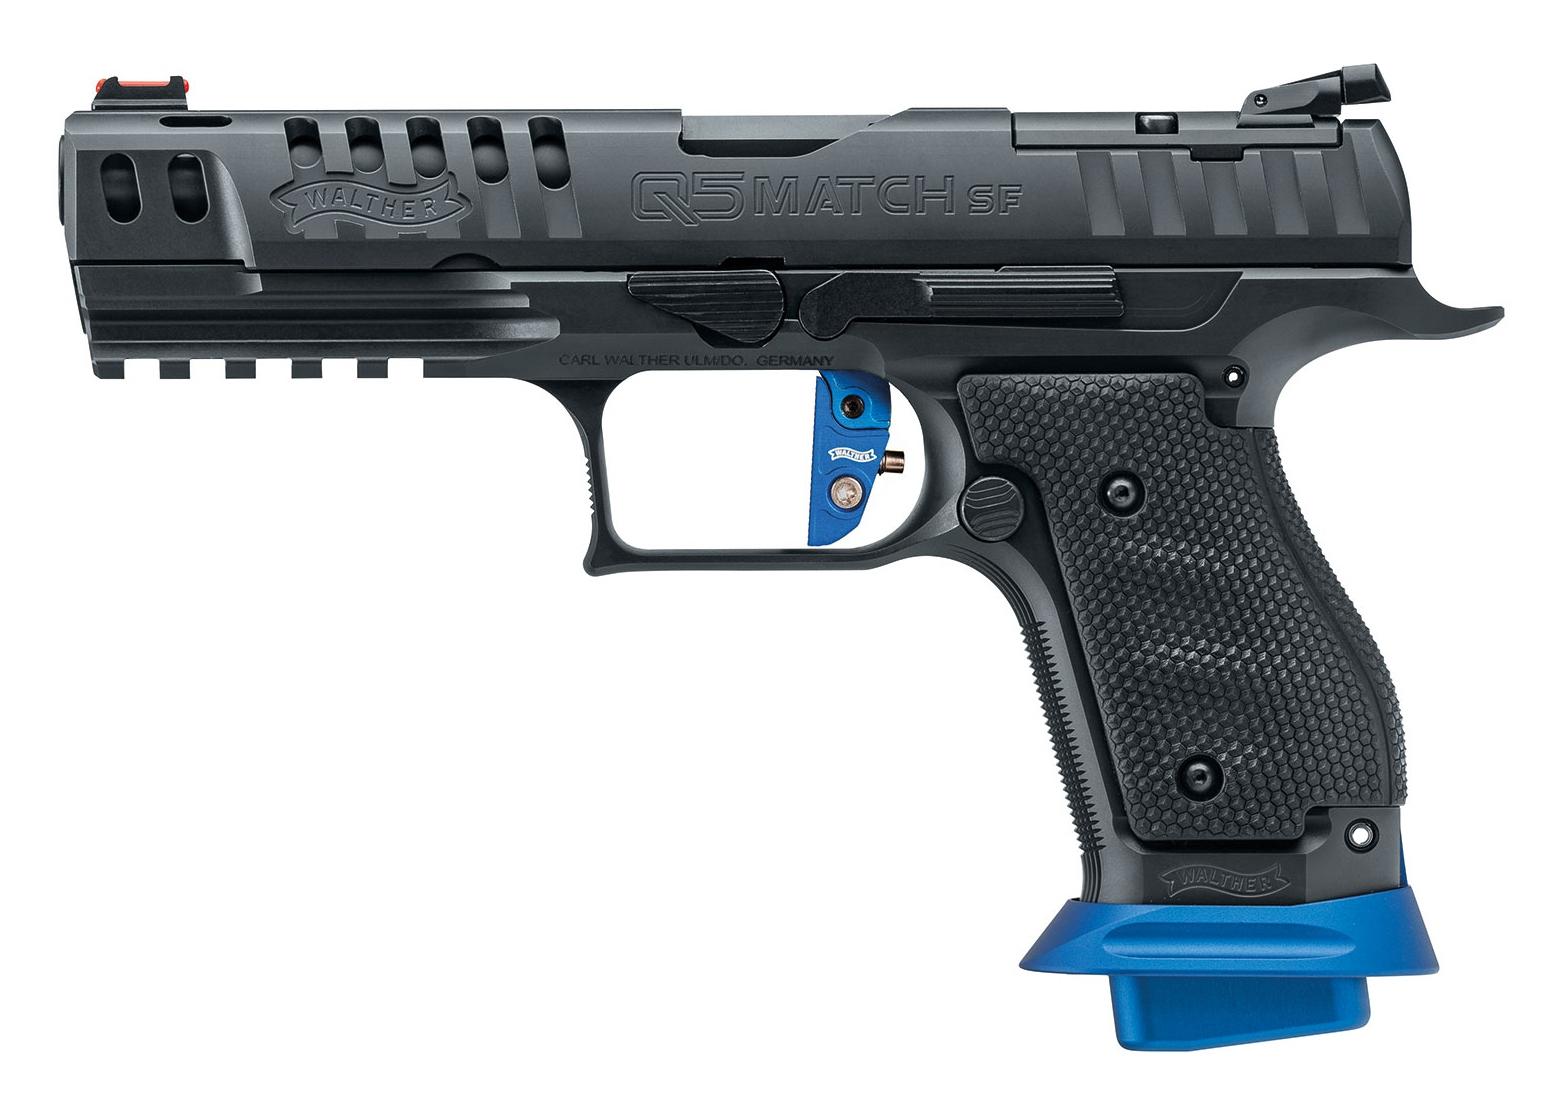 Le Walther modèle Q5 Match SF Expert, qui est destiné aux compétiteurs et n'est malheureusement pas actuellement importé en France, bénéficie d'une queue de détente droite, en aluminium de couleur bleue, dont la pré-course et le backlash sont réglables.